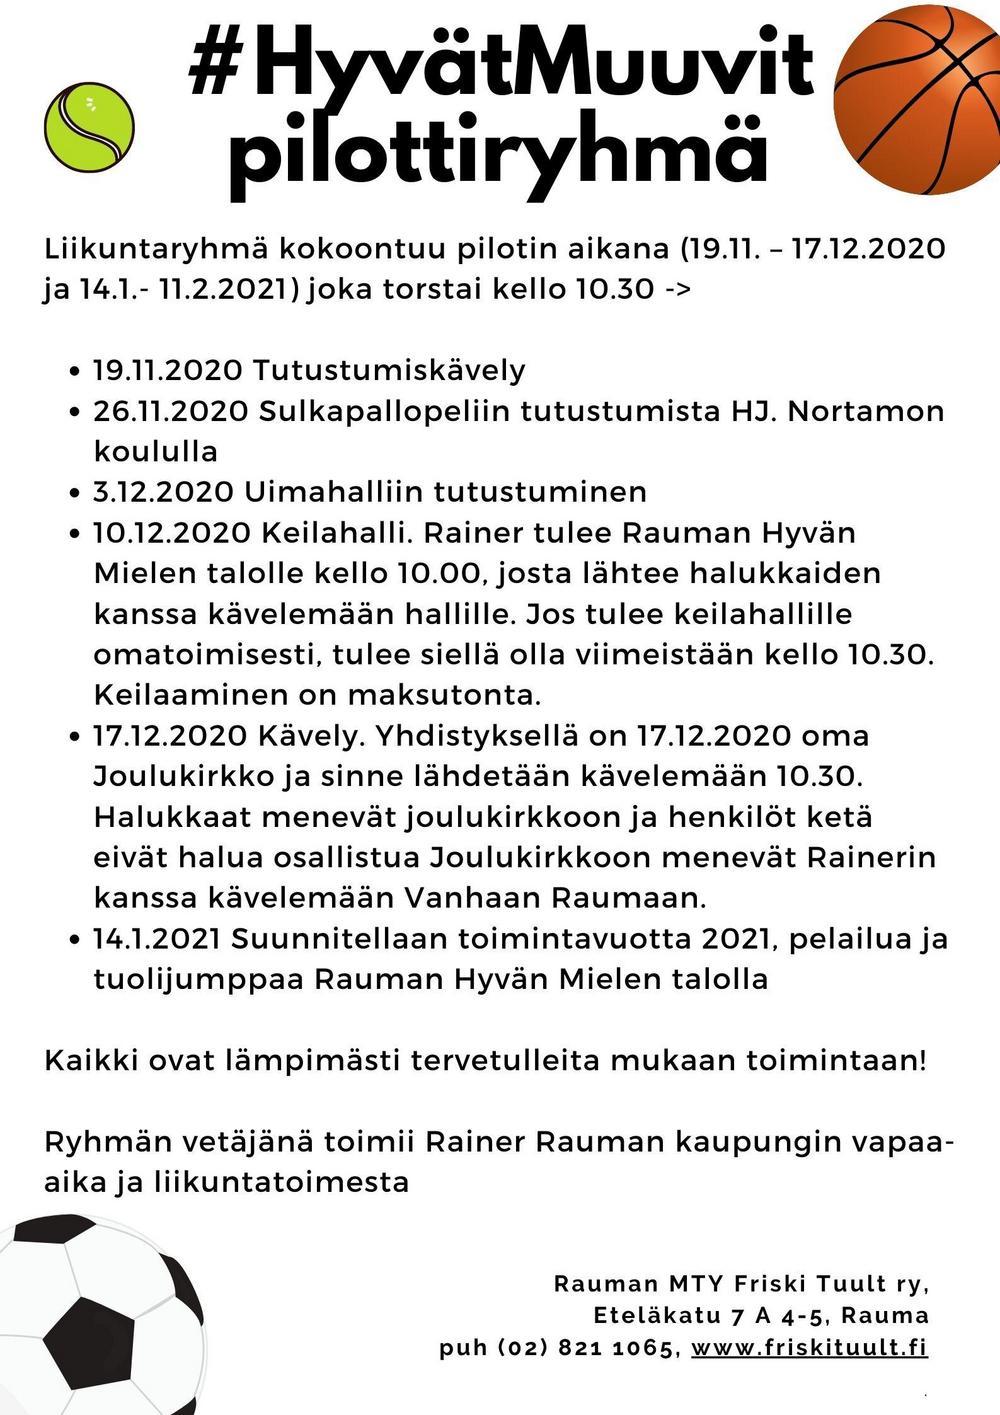 #HyvätMuuvit liikuntaryhmä kokoontuu pilotin aikana (19.11. – 17.12.2020 ja 14.1.- 11.2.2021) joka torstai kello 10.30 ->  19.11.2020 Tutustumiskävely 26.11.2020 Sulkapallopeliin tutustumista HJ. Nortamon koululla 3.12.2020 Uimahalliin tutustuminen 10.12.2020 Keilahalli. Rainer tulee Rauman Hyvän Mielen talolle kello 10.00, josta lähtee halukkaiden kanssa kävelemään hallille. Jos tulee keilahallille omatoimisesti, tulee siellä olla viimeistään kello 10.30. Keilaaminen on maksutonta. 17.12.2020 Kävely. Yhdistyksellä on 17.12.2020 oma Joulukirkko ja sinne lähdetään kävelemään 10.30. Halukkaat menevät joulukirkkoon ja henkilöt ketä eivät halua osallistua Joulukirkkoon menevät Rainerin kanssa kävelemään Vanhaan Raumaan. 14.1.2021 Suunnitellaan toimintavuotta 2021, pelailua ja tuolijumppaa Rauman Hyvän Mielen talolla  Kaikki ovat lämpimästi tervetulleita mukaan toimintaan Ryhmän vetäjänä toimii Rainer Rauman kaupungin vapaa-aika ja liikuntatoimesta